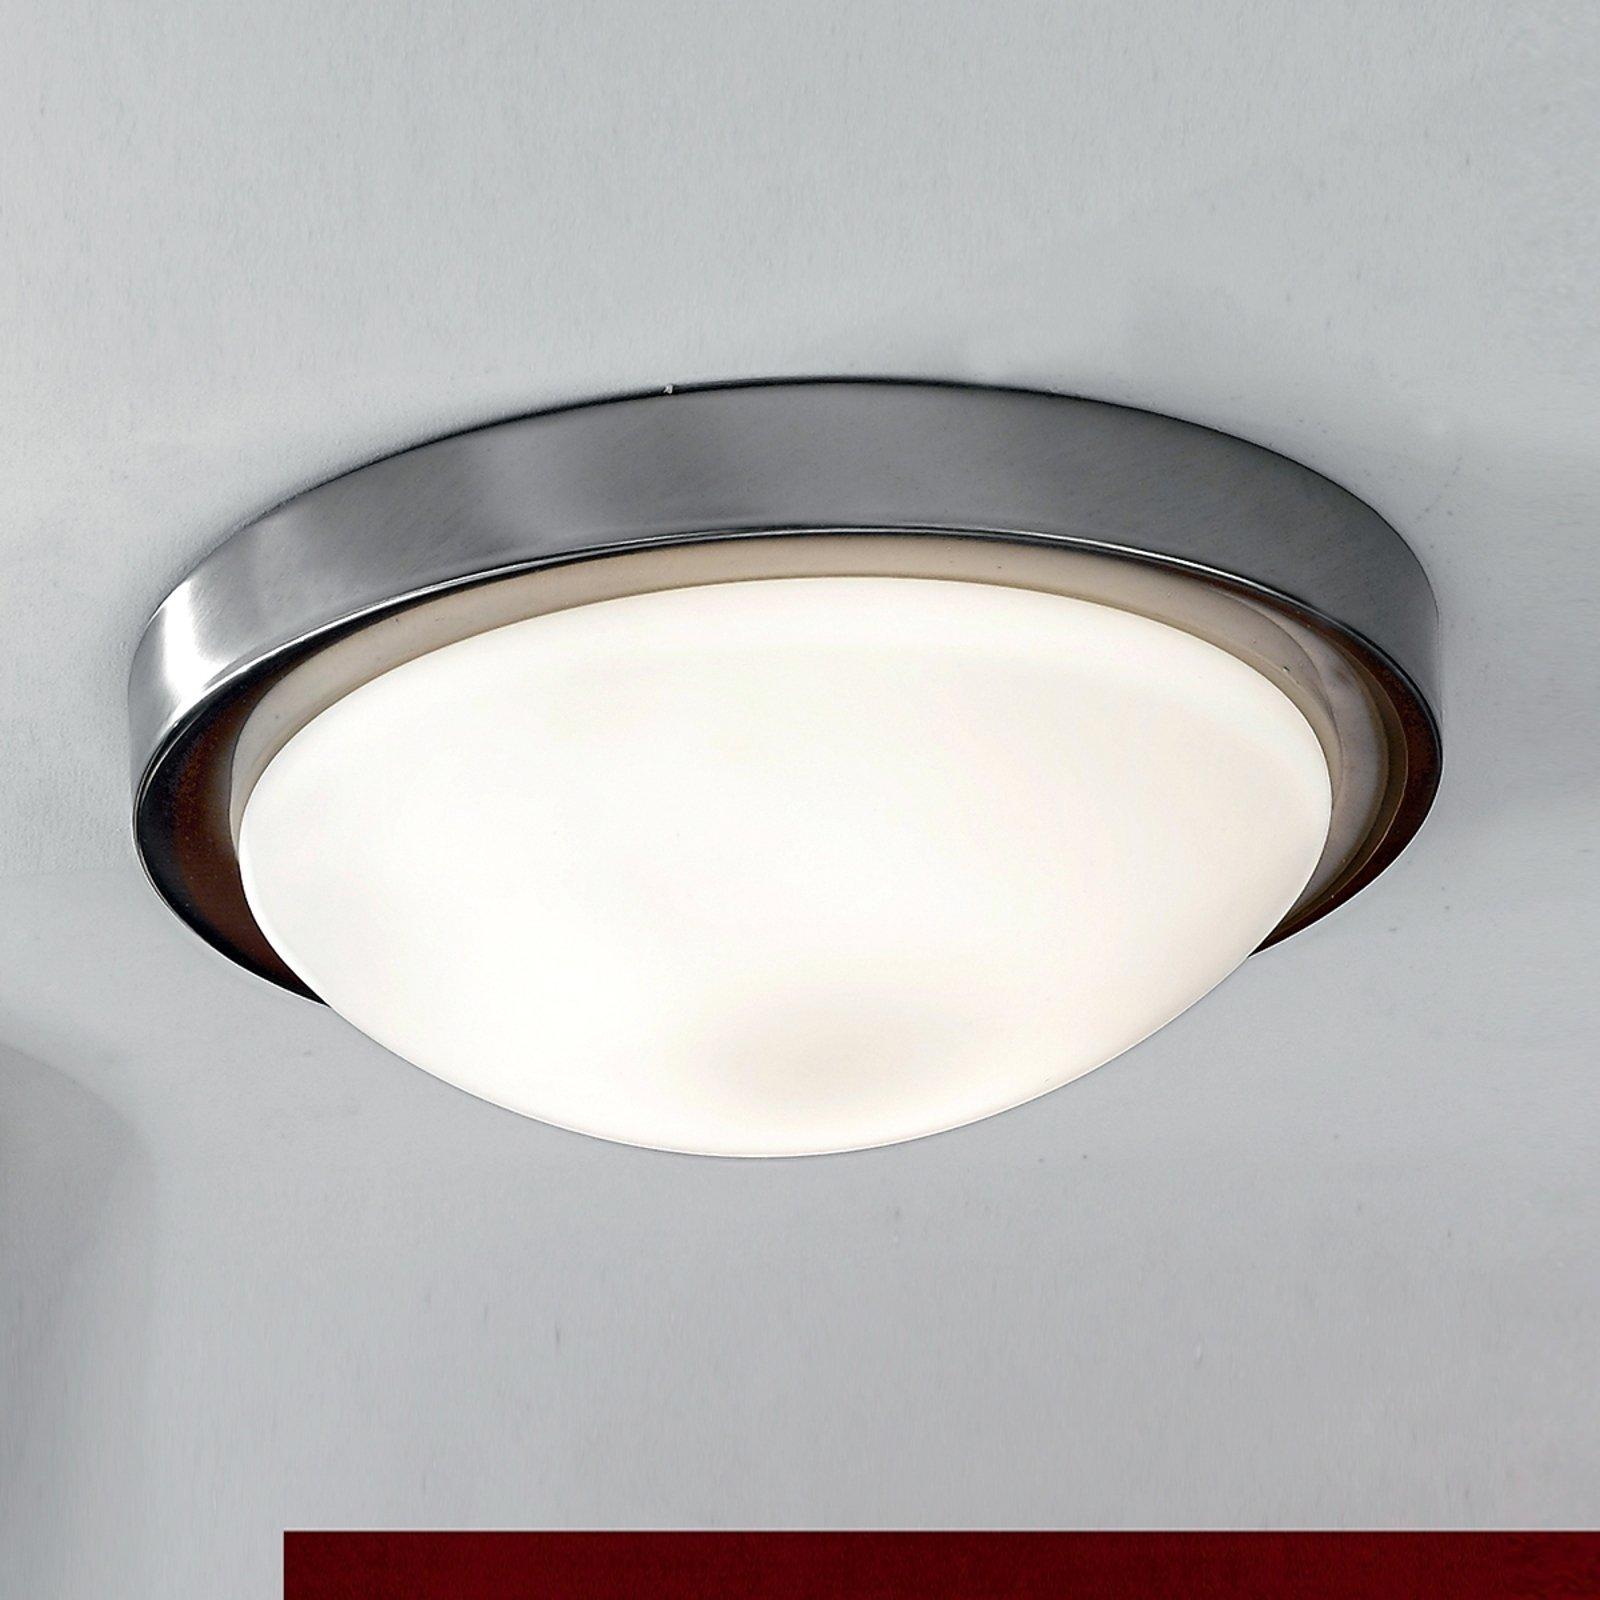 Diskret MINEA taklampe Ø 32 cm i nikkel